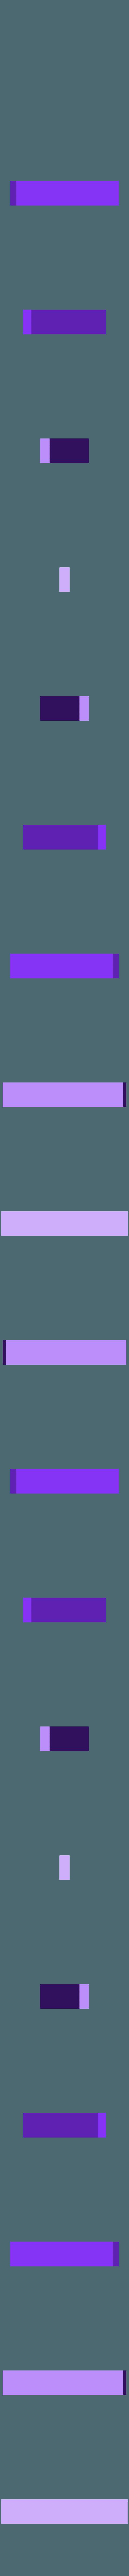 front_unit_prop.stl Télécharger fichier STL gratuit Ghostbuster Ghostbuster Ghosttrap • Modèle pour impression 3D, SLIDES